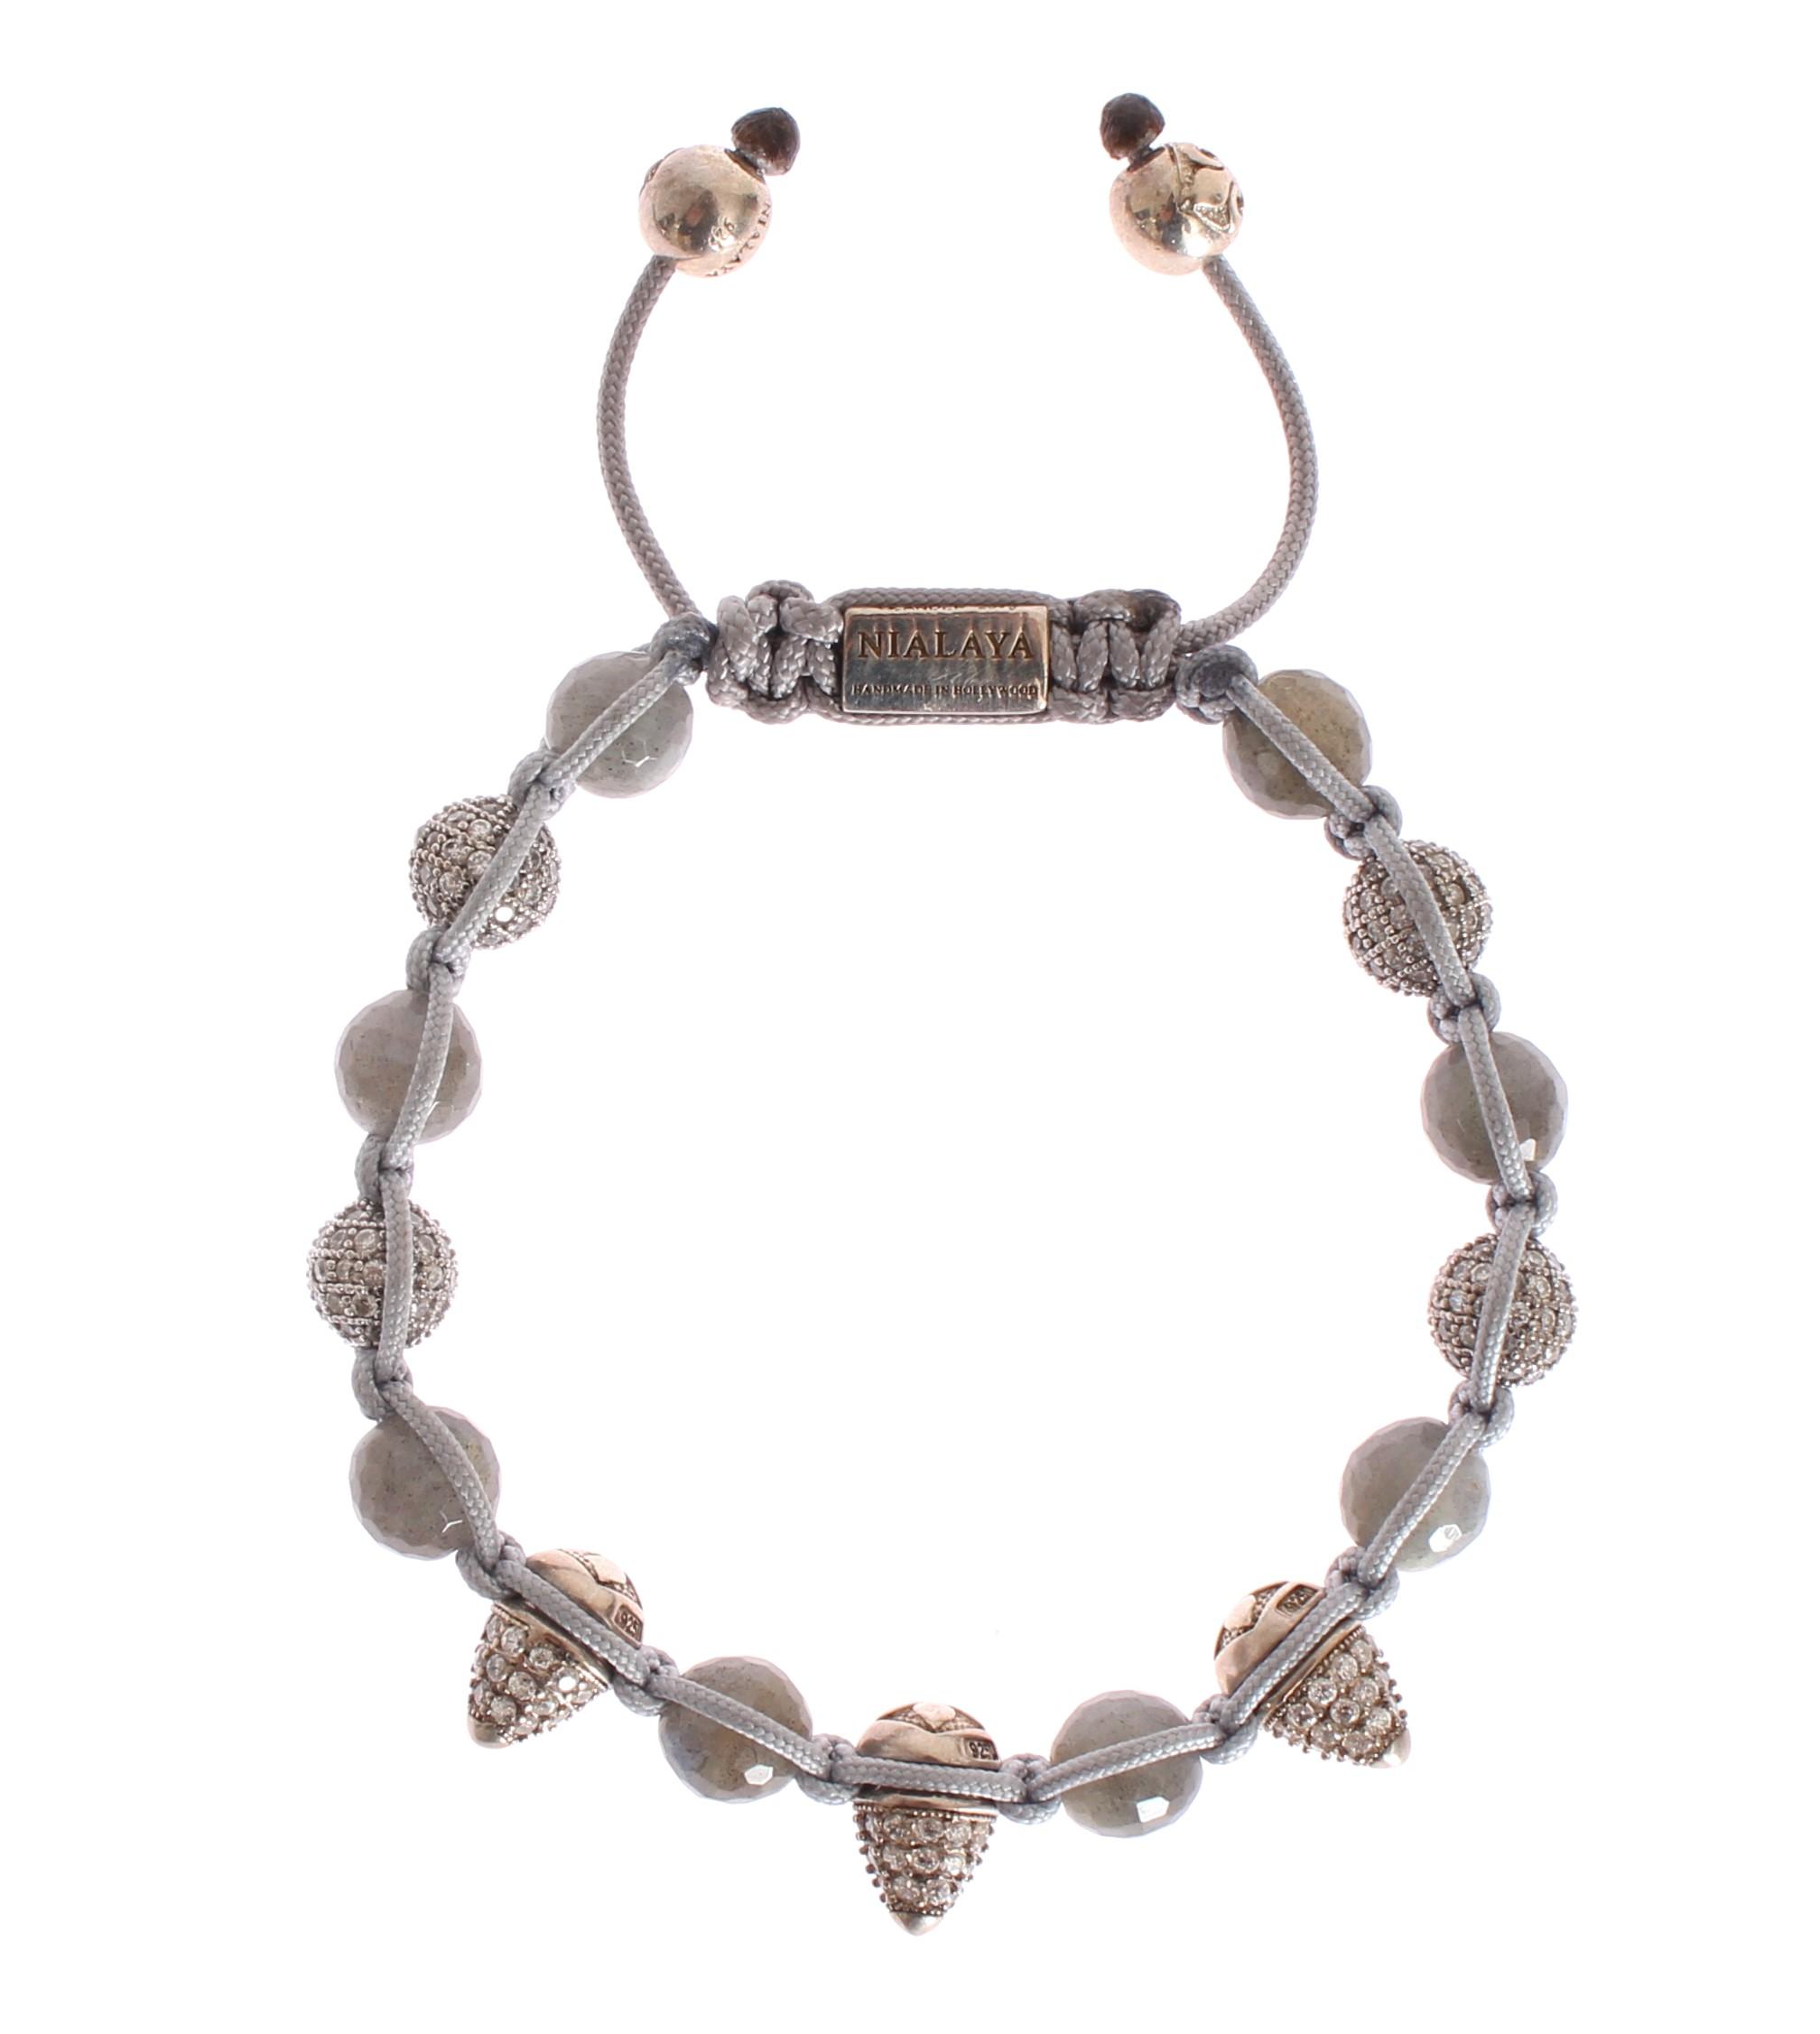 Nialaya Women's CZ Cone Labrodite 925 Silver Bracelet NIA20307 - M